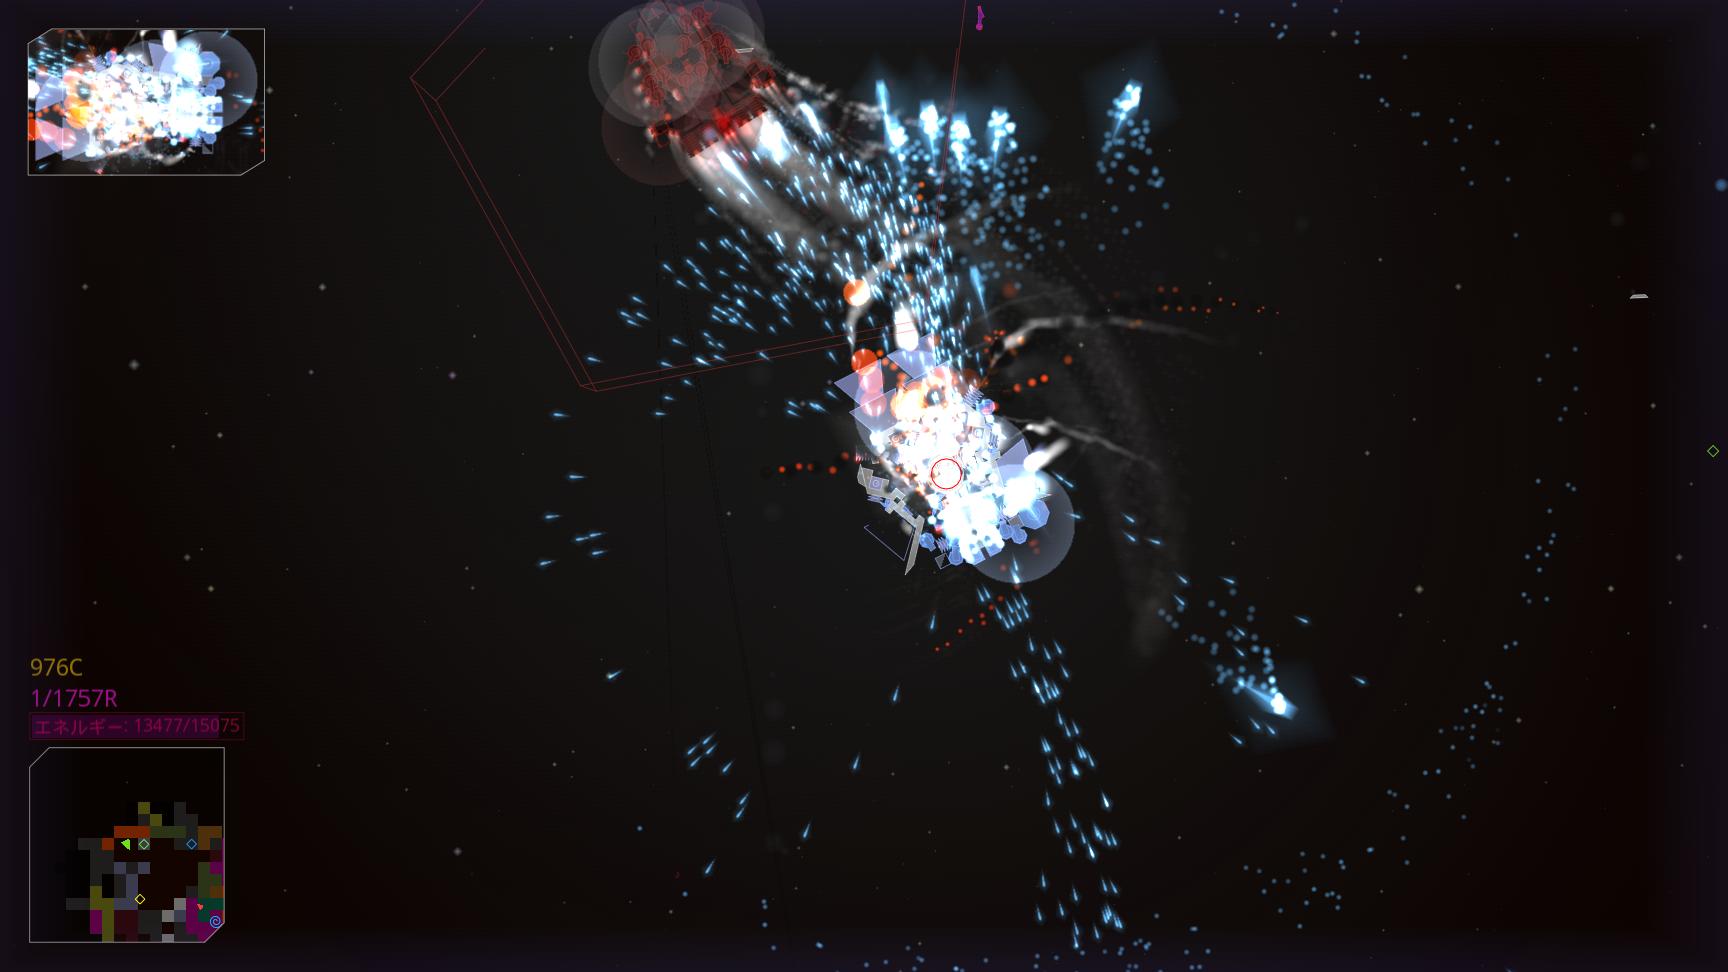 マウスの左ボタンを押し続けるだけで、全砲門による一斉射撃が開始される。その様子は壮観だ